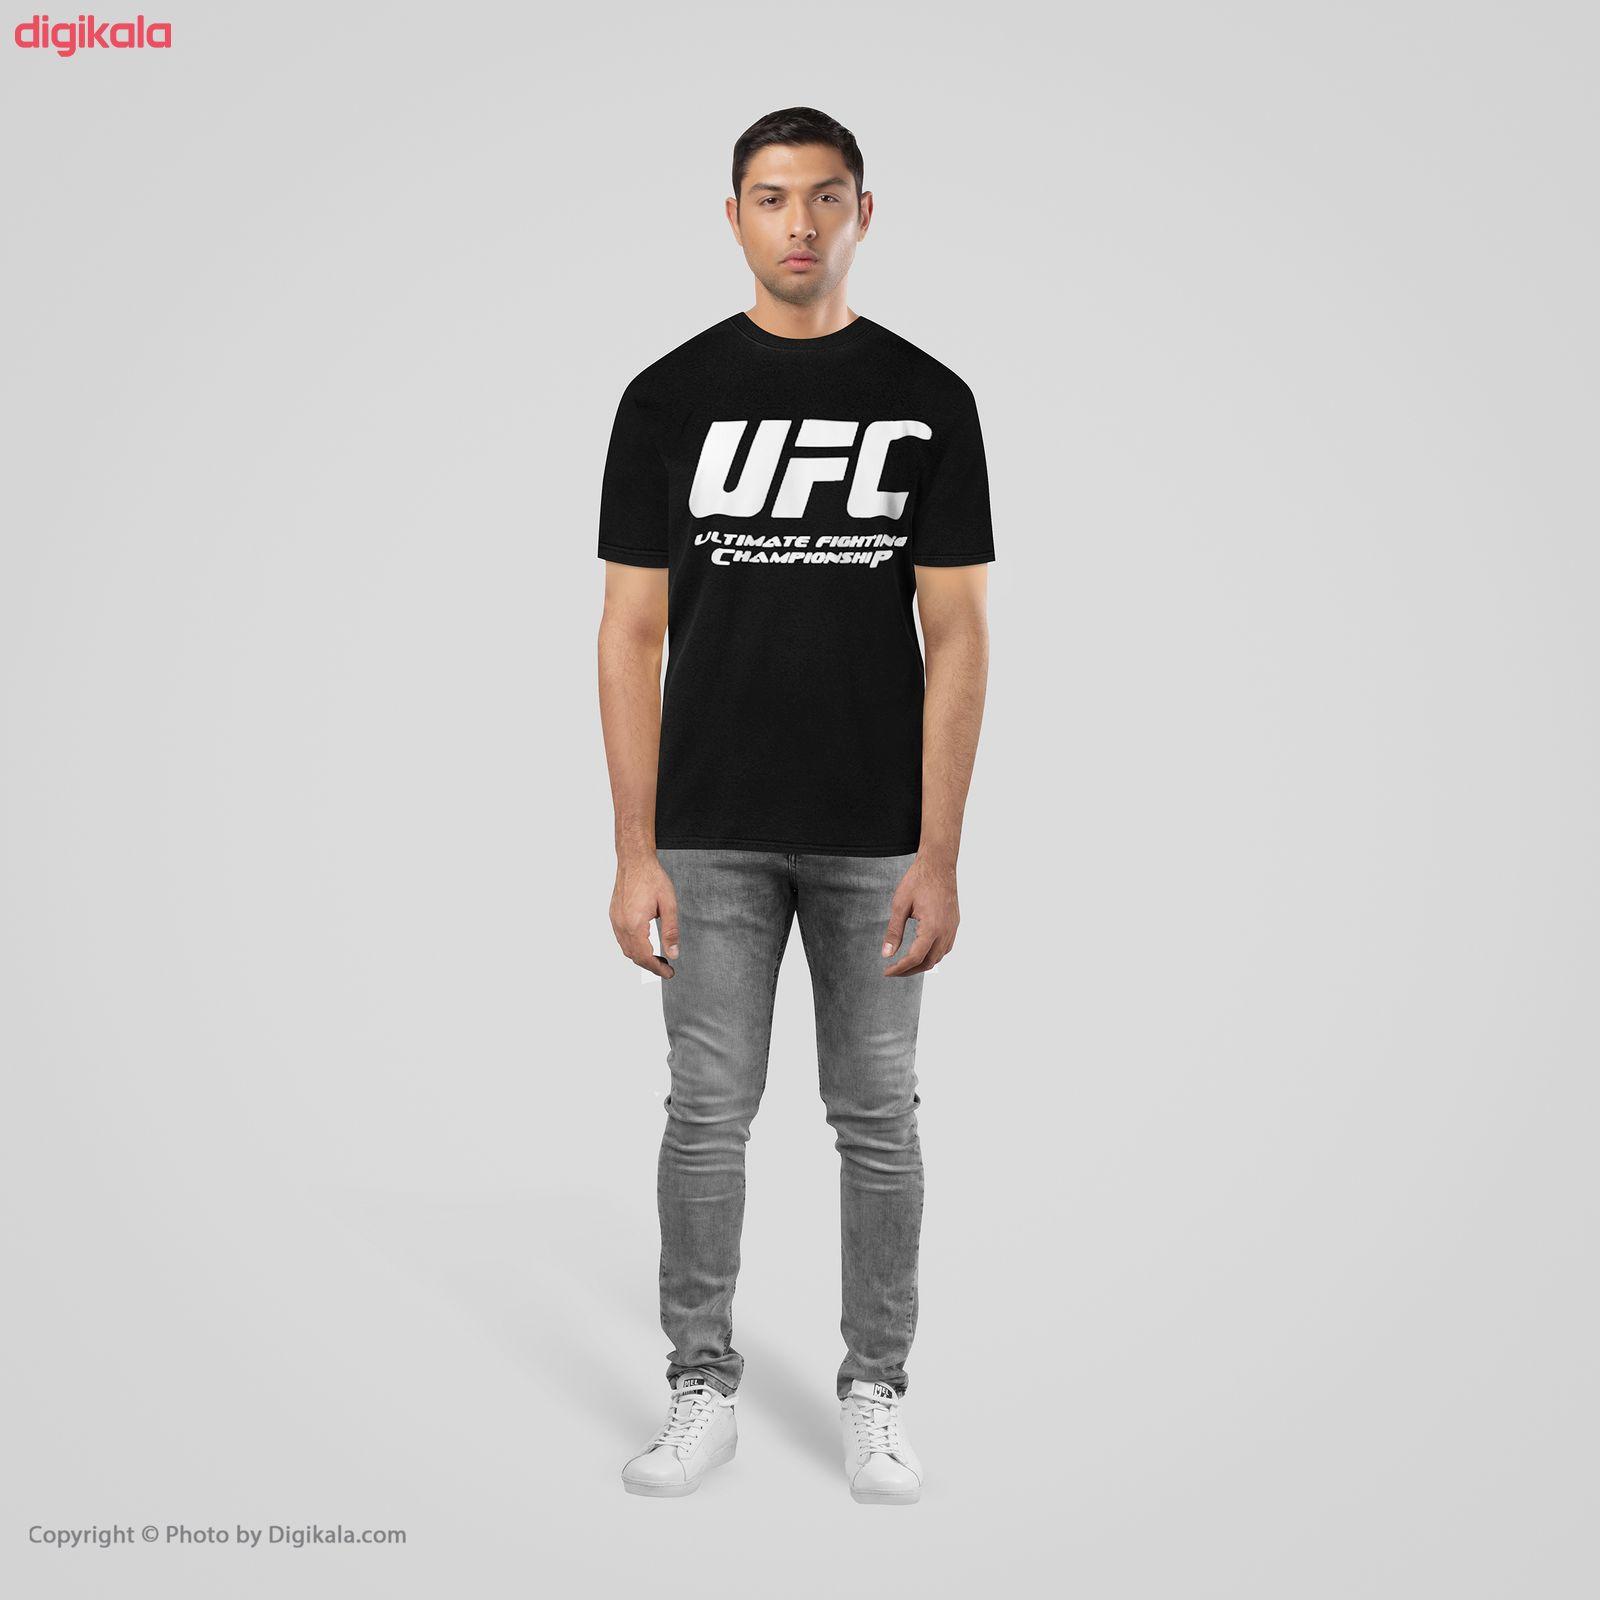 تیشرت مردانه طرح UFC مدل BW13304 main 1 1